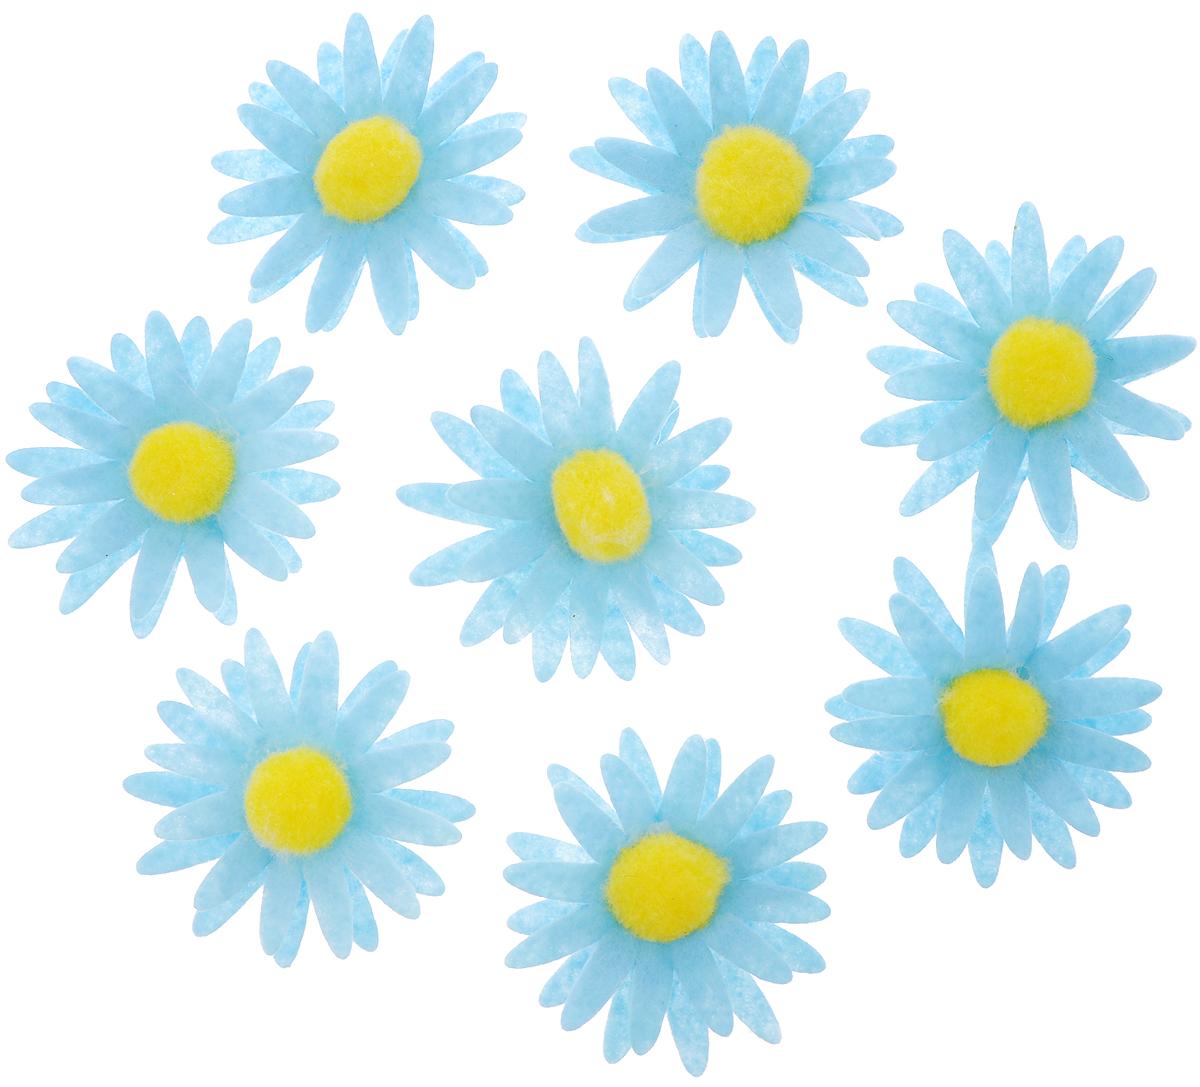 Набор для декорирования Home Queen Ромашка, на клейкой основе, цвет: голубой, 8 шт60874_голубойНабор Home Queen Ромашка состоит из 8 декоративных элементов, которые изготовлены из фетра в виде цветов. Они крепятся к поверхности благодаря бумаге на клейкой основе с обратной стороны и прекрасно подойдут для декора любой поверхности. Изделия можно использовать для украшения яиц, посуды, цветочных горшков, ваз и многого другого. Творчество способно приносить массу приятных эмоций не только человеку, который этим занимается, но и его близким, друзьям, родным. Набор Home Queen Ромашка красиво дополнит интерьер и создаст теплую весеннюю атмосферу. Отлично подойдет для декора дома к Пасхе. Размер элемента: 4,5 х 4,5 х 1 см.